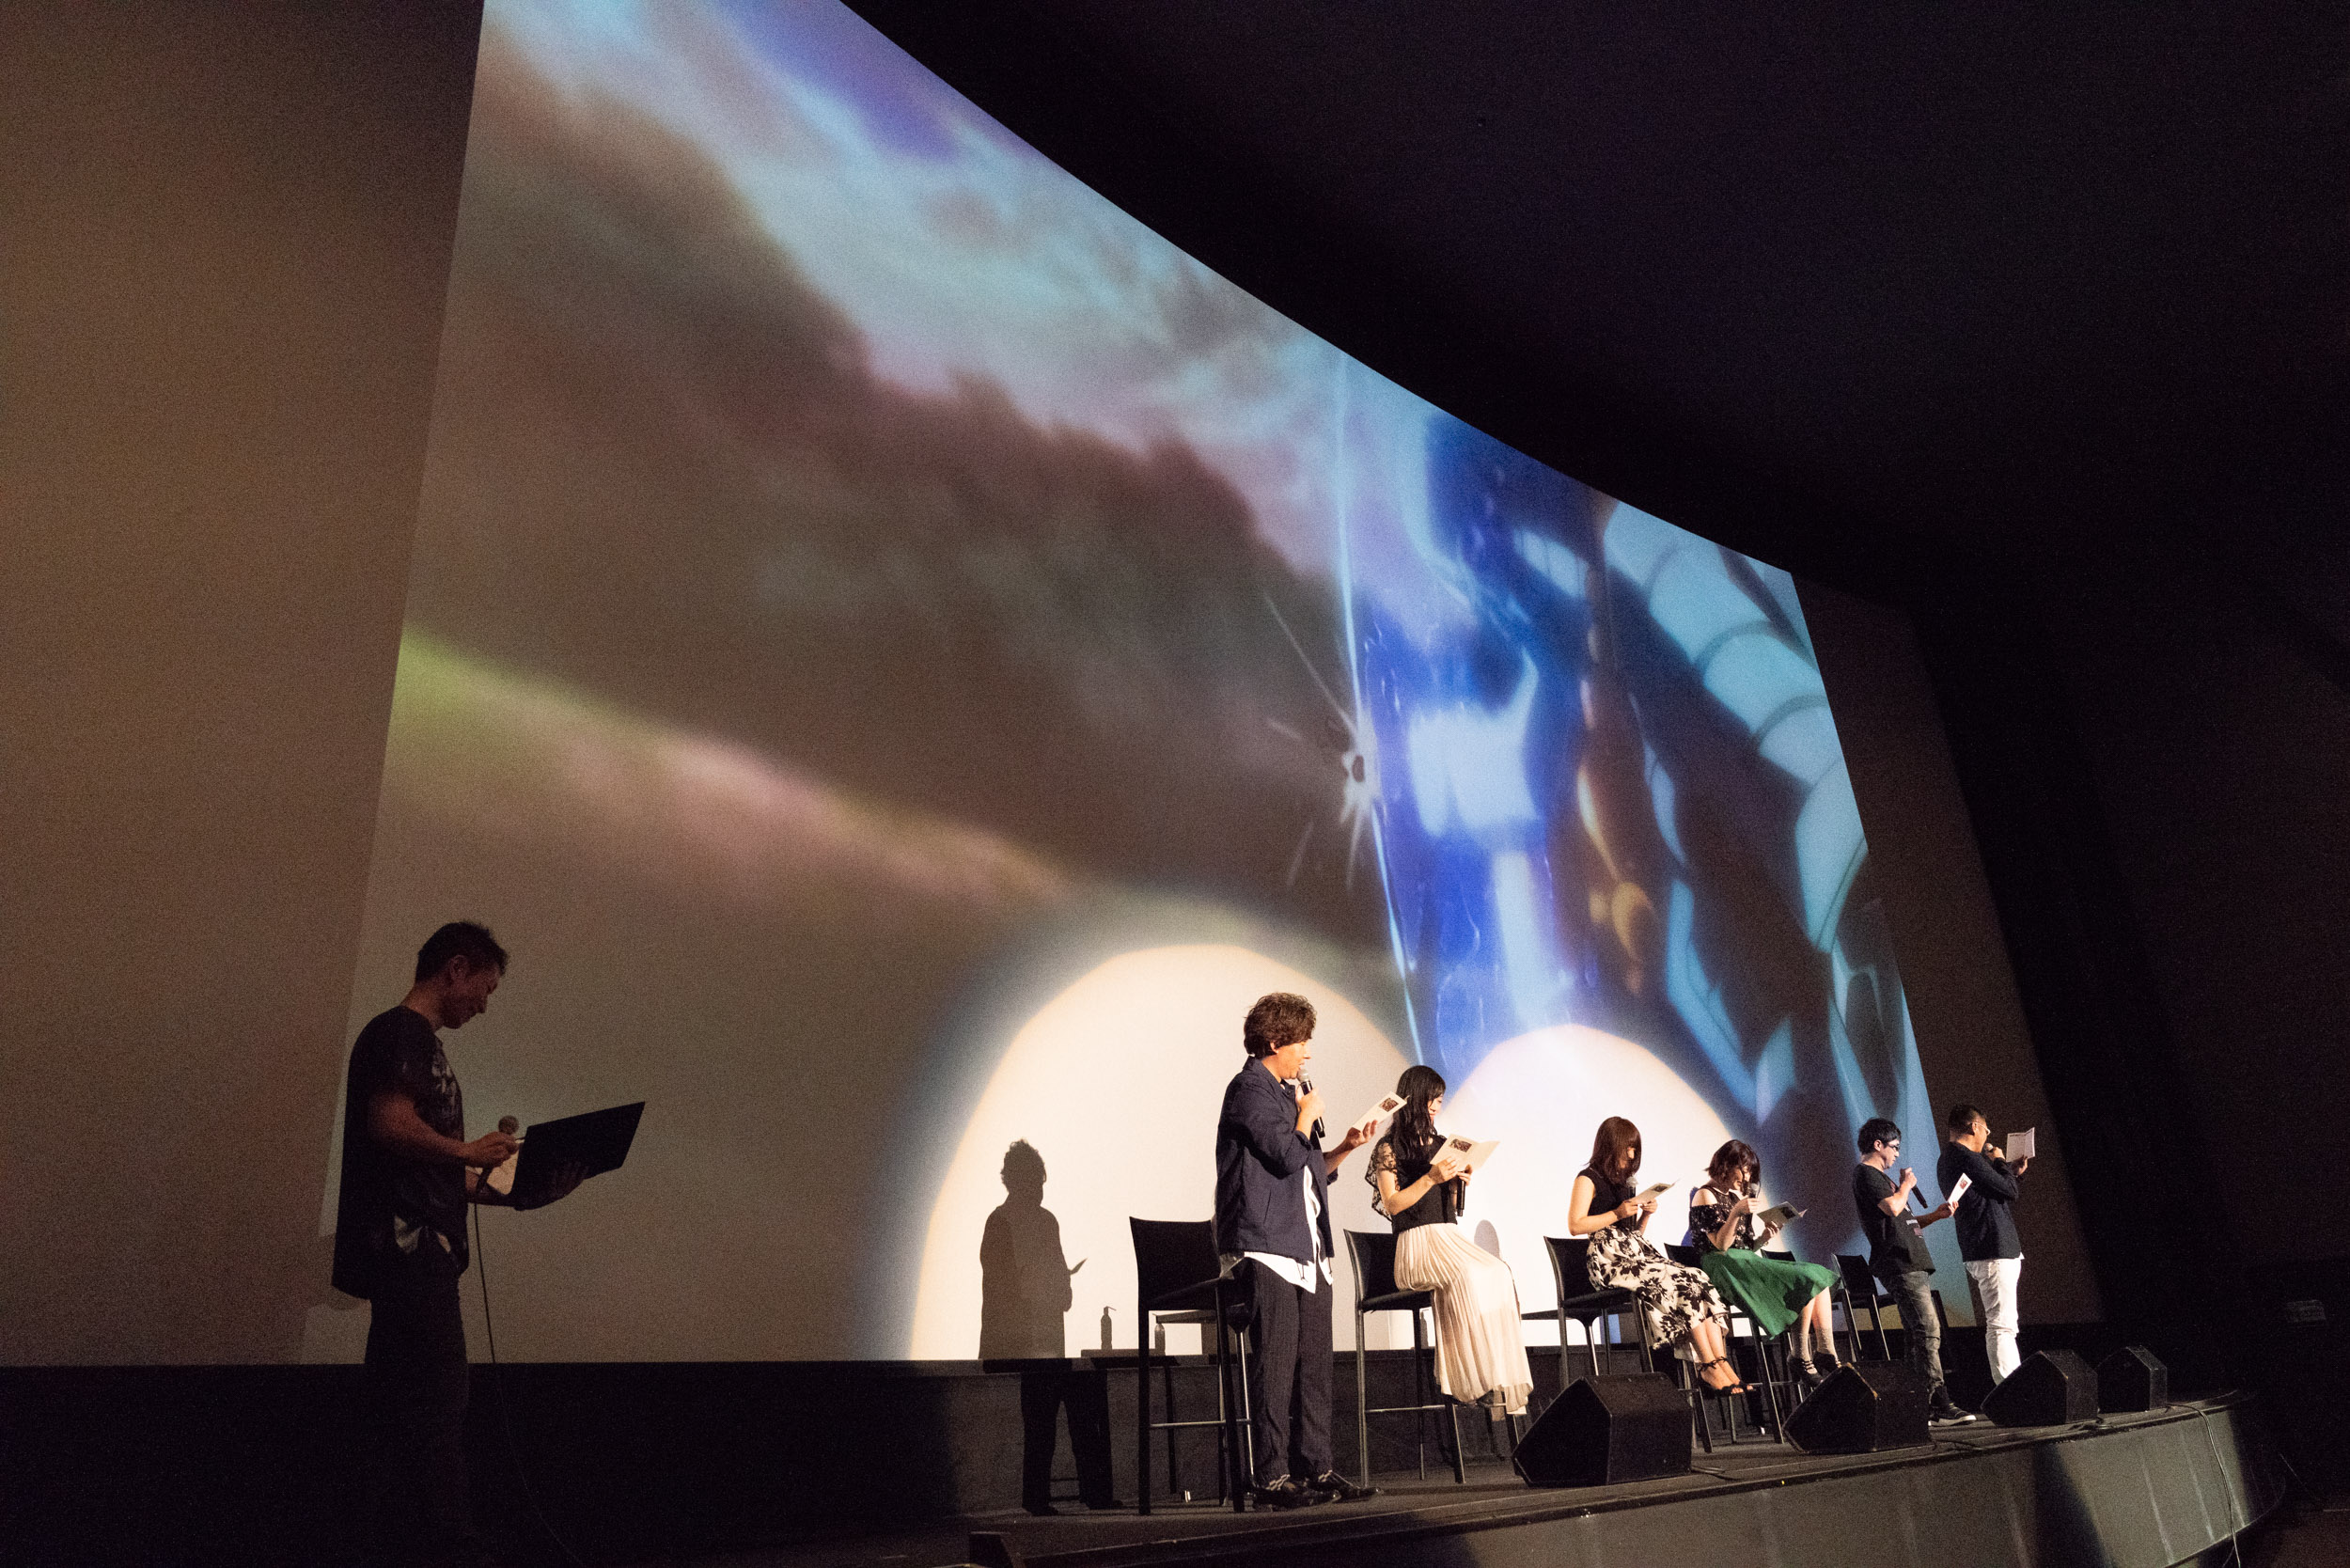 『オーバーロードIII』ミュージアムがAKIHABARAゲーマーズ本店で開催決定! BD&DVD店舗購入特典の絵柄も公開-9